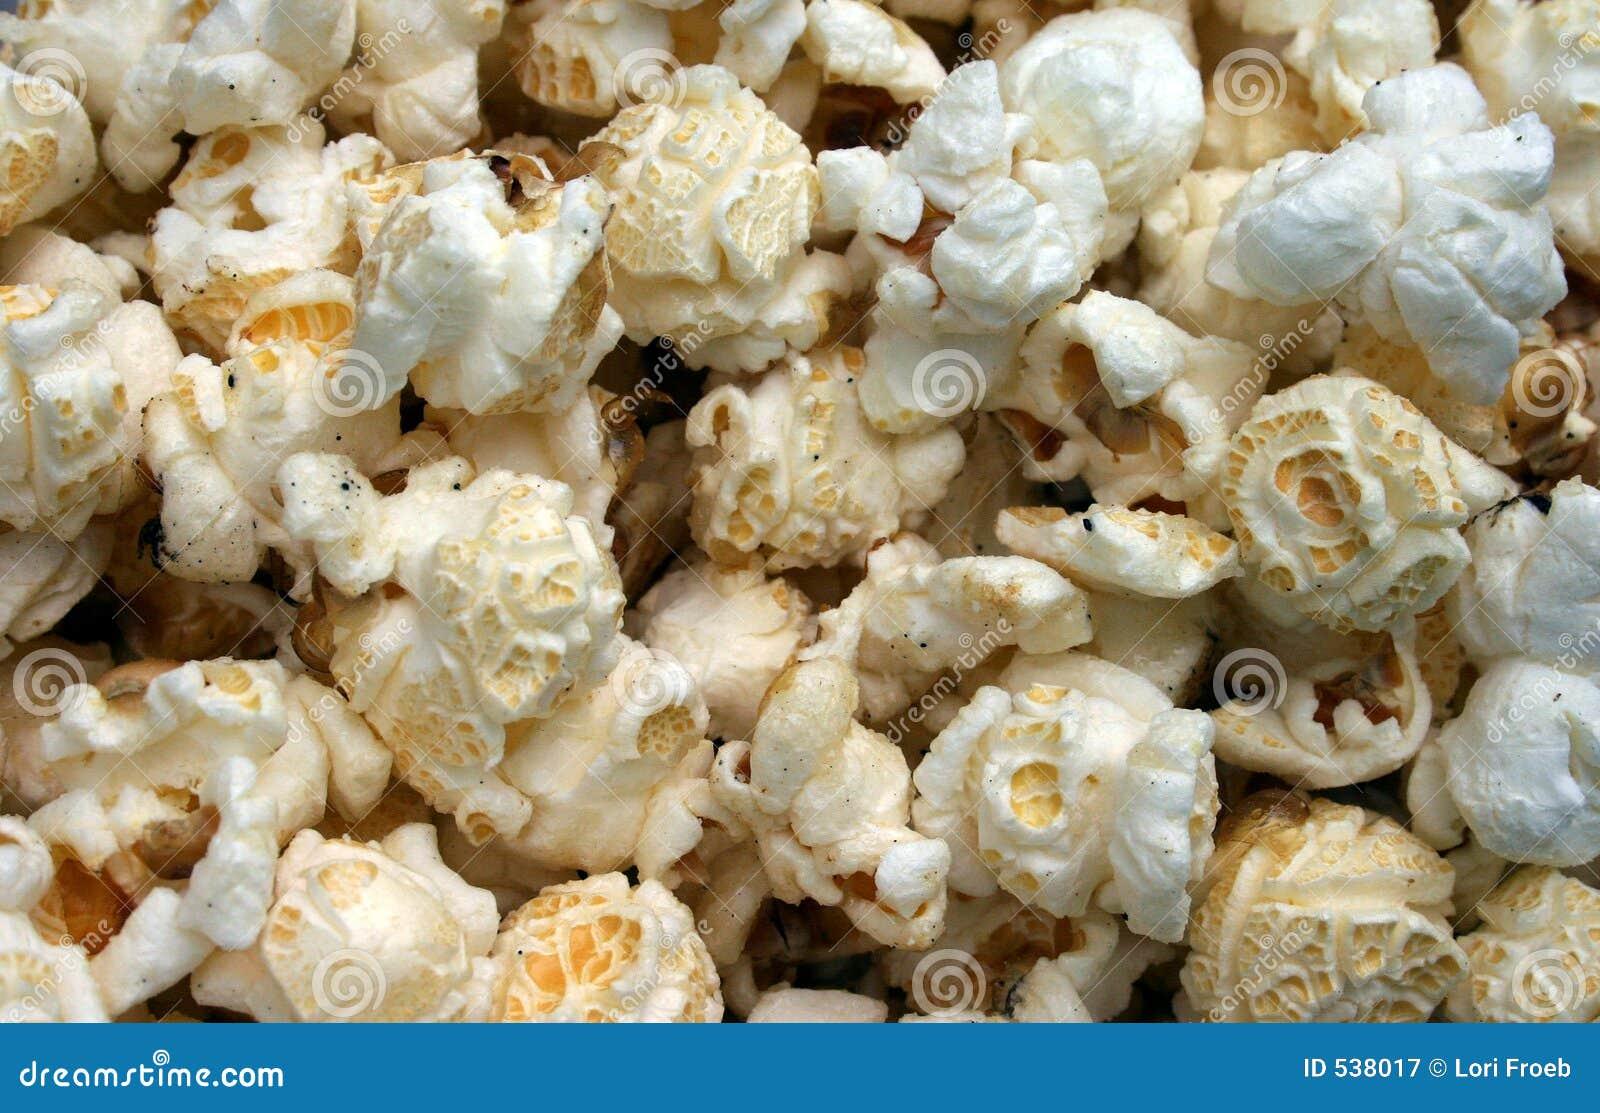 Download 玉米花 库存图片. 图片 包括有 水壶, 公平, 玉米花, 节日, 电影, 黄色, 纤维, 玉米, 核心, 空白 - 538017